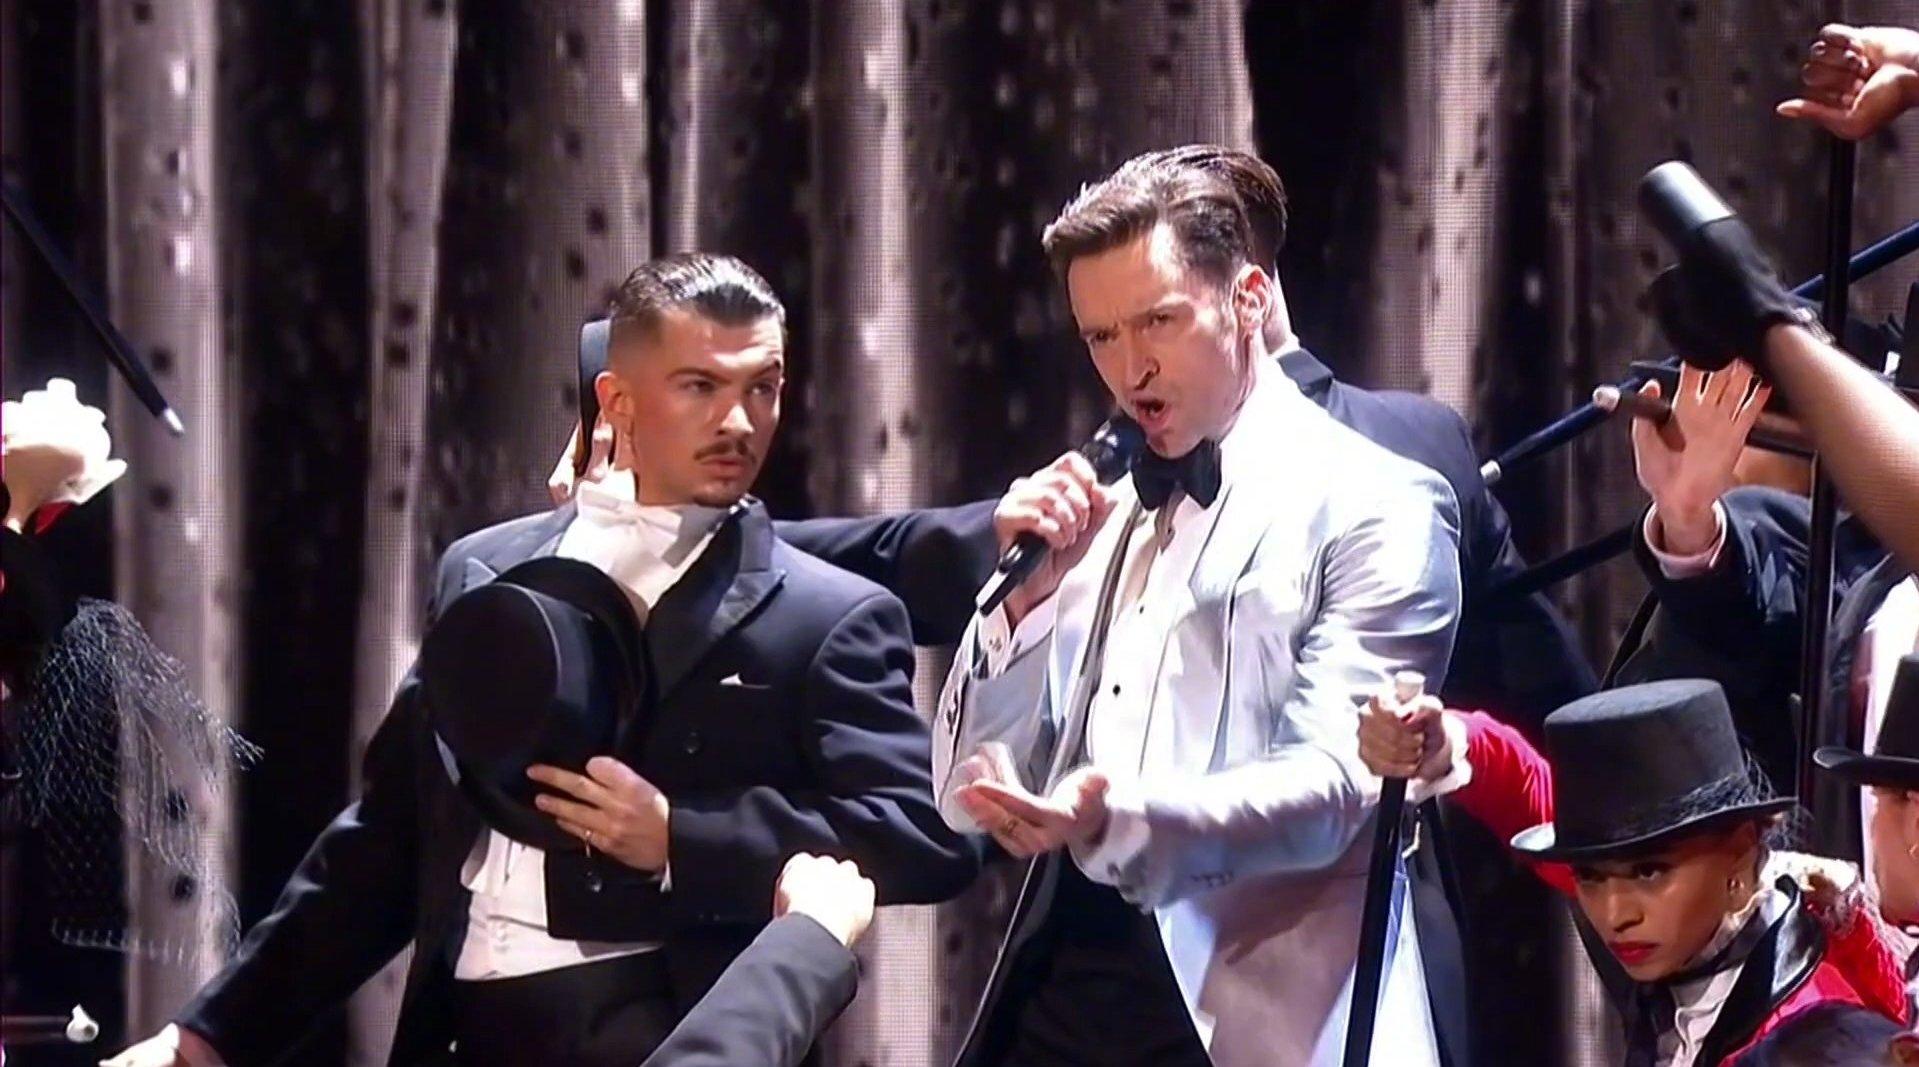 休·杰克曼最新2019年全英音乐奖开场表演《马戏之王》原声《The Great